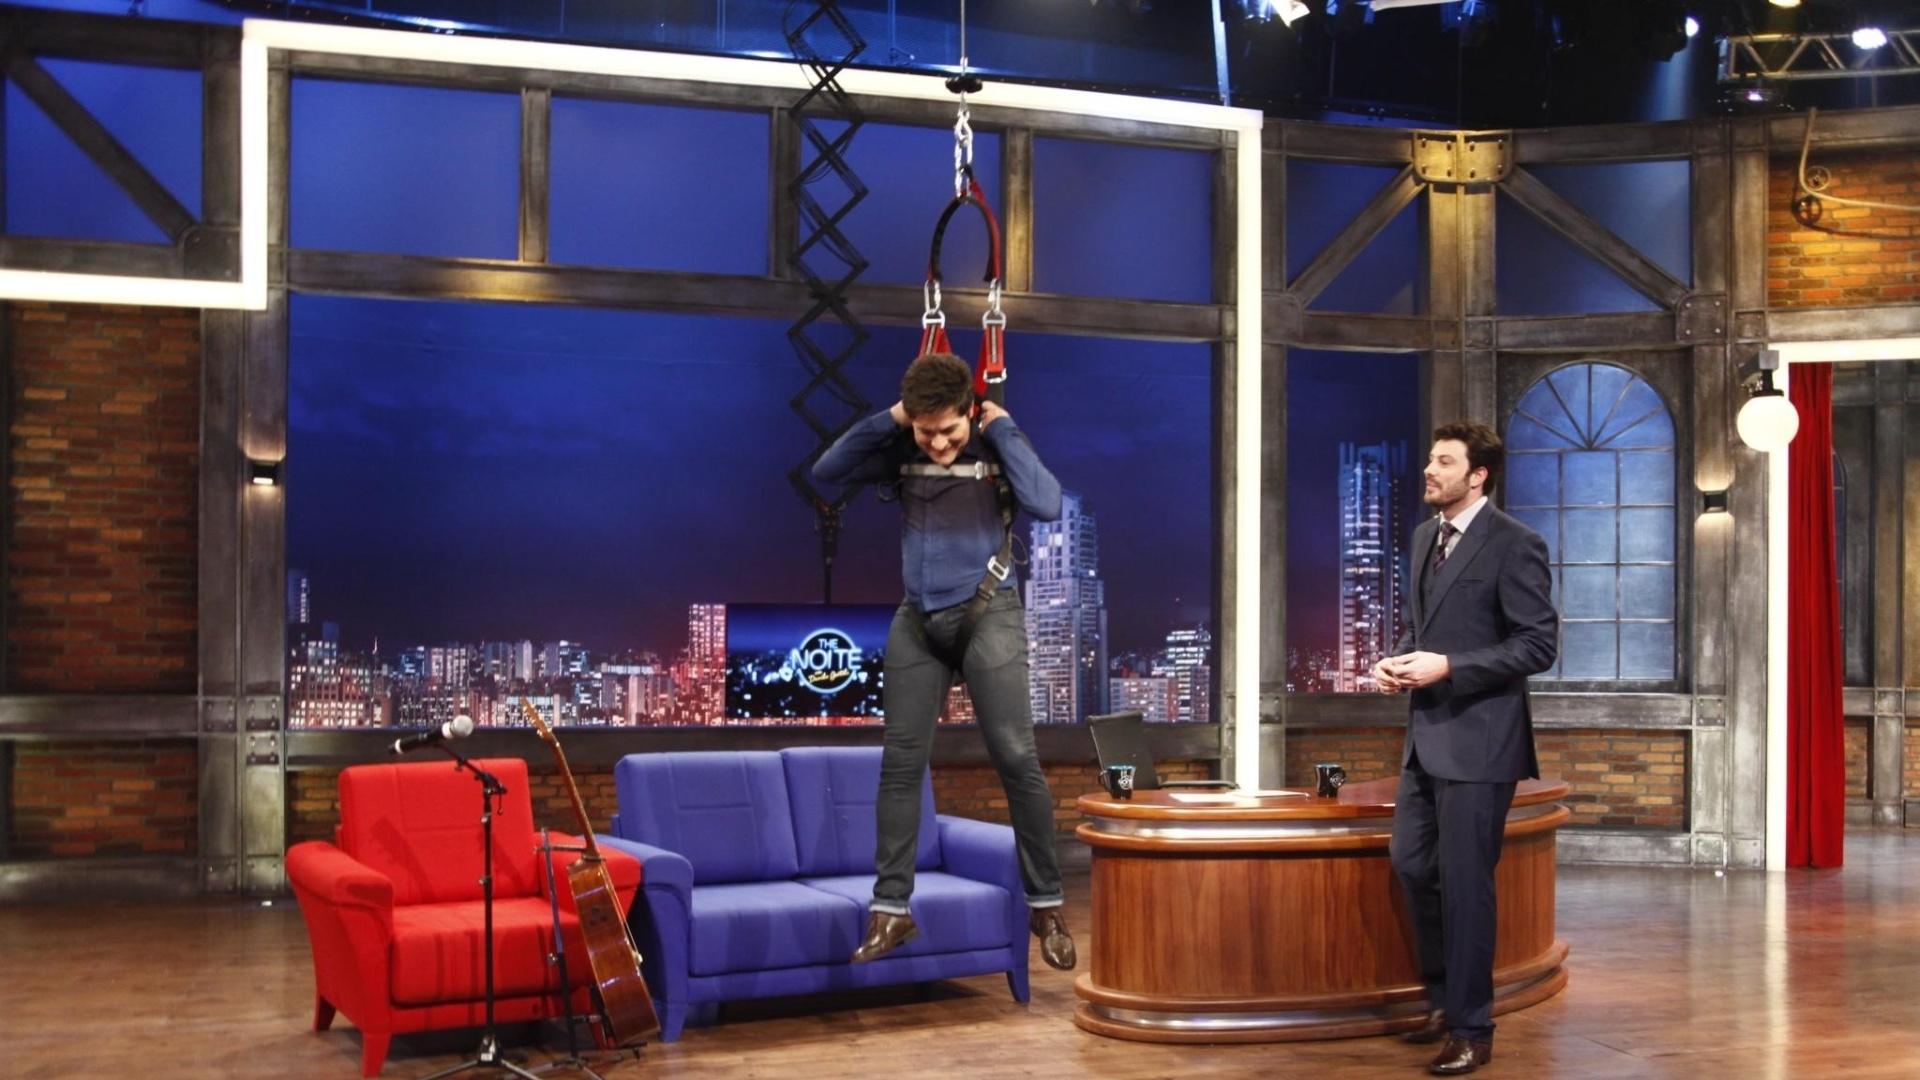 3.jul.2014 - Cantor Daniel faz rapel no palco do